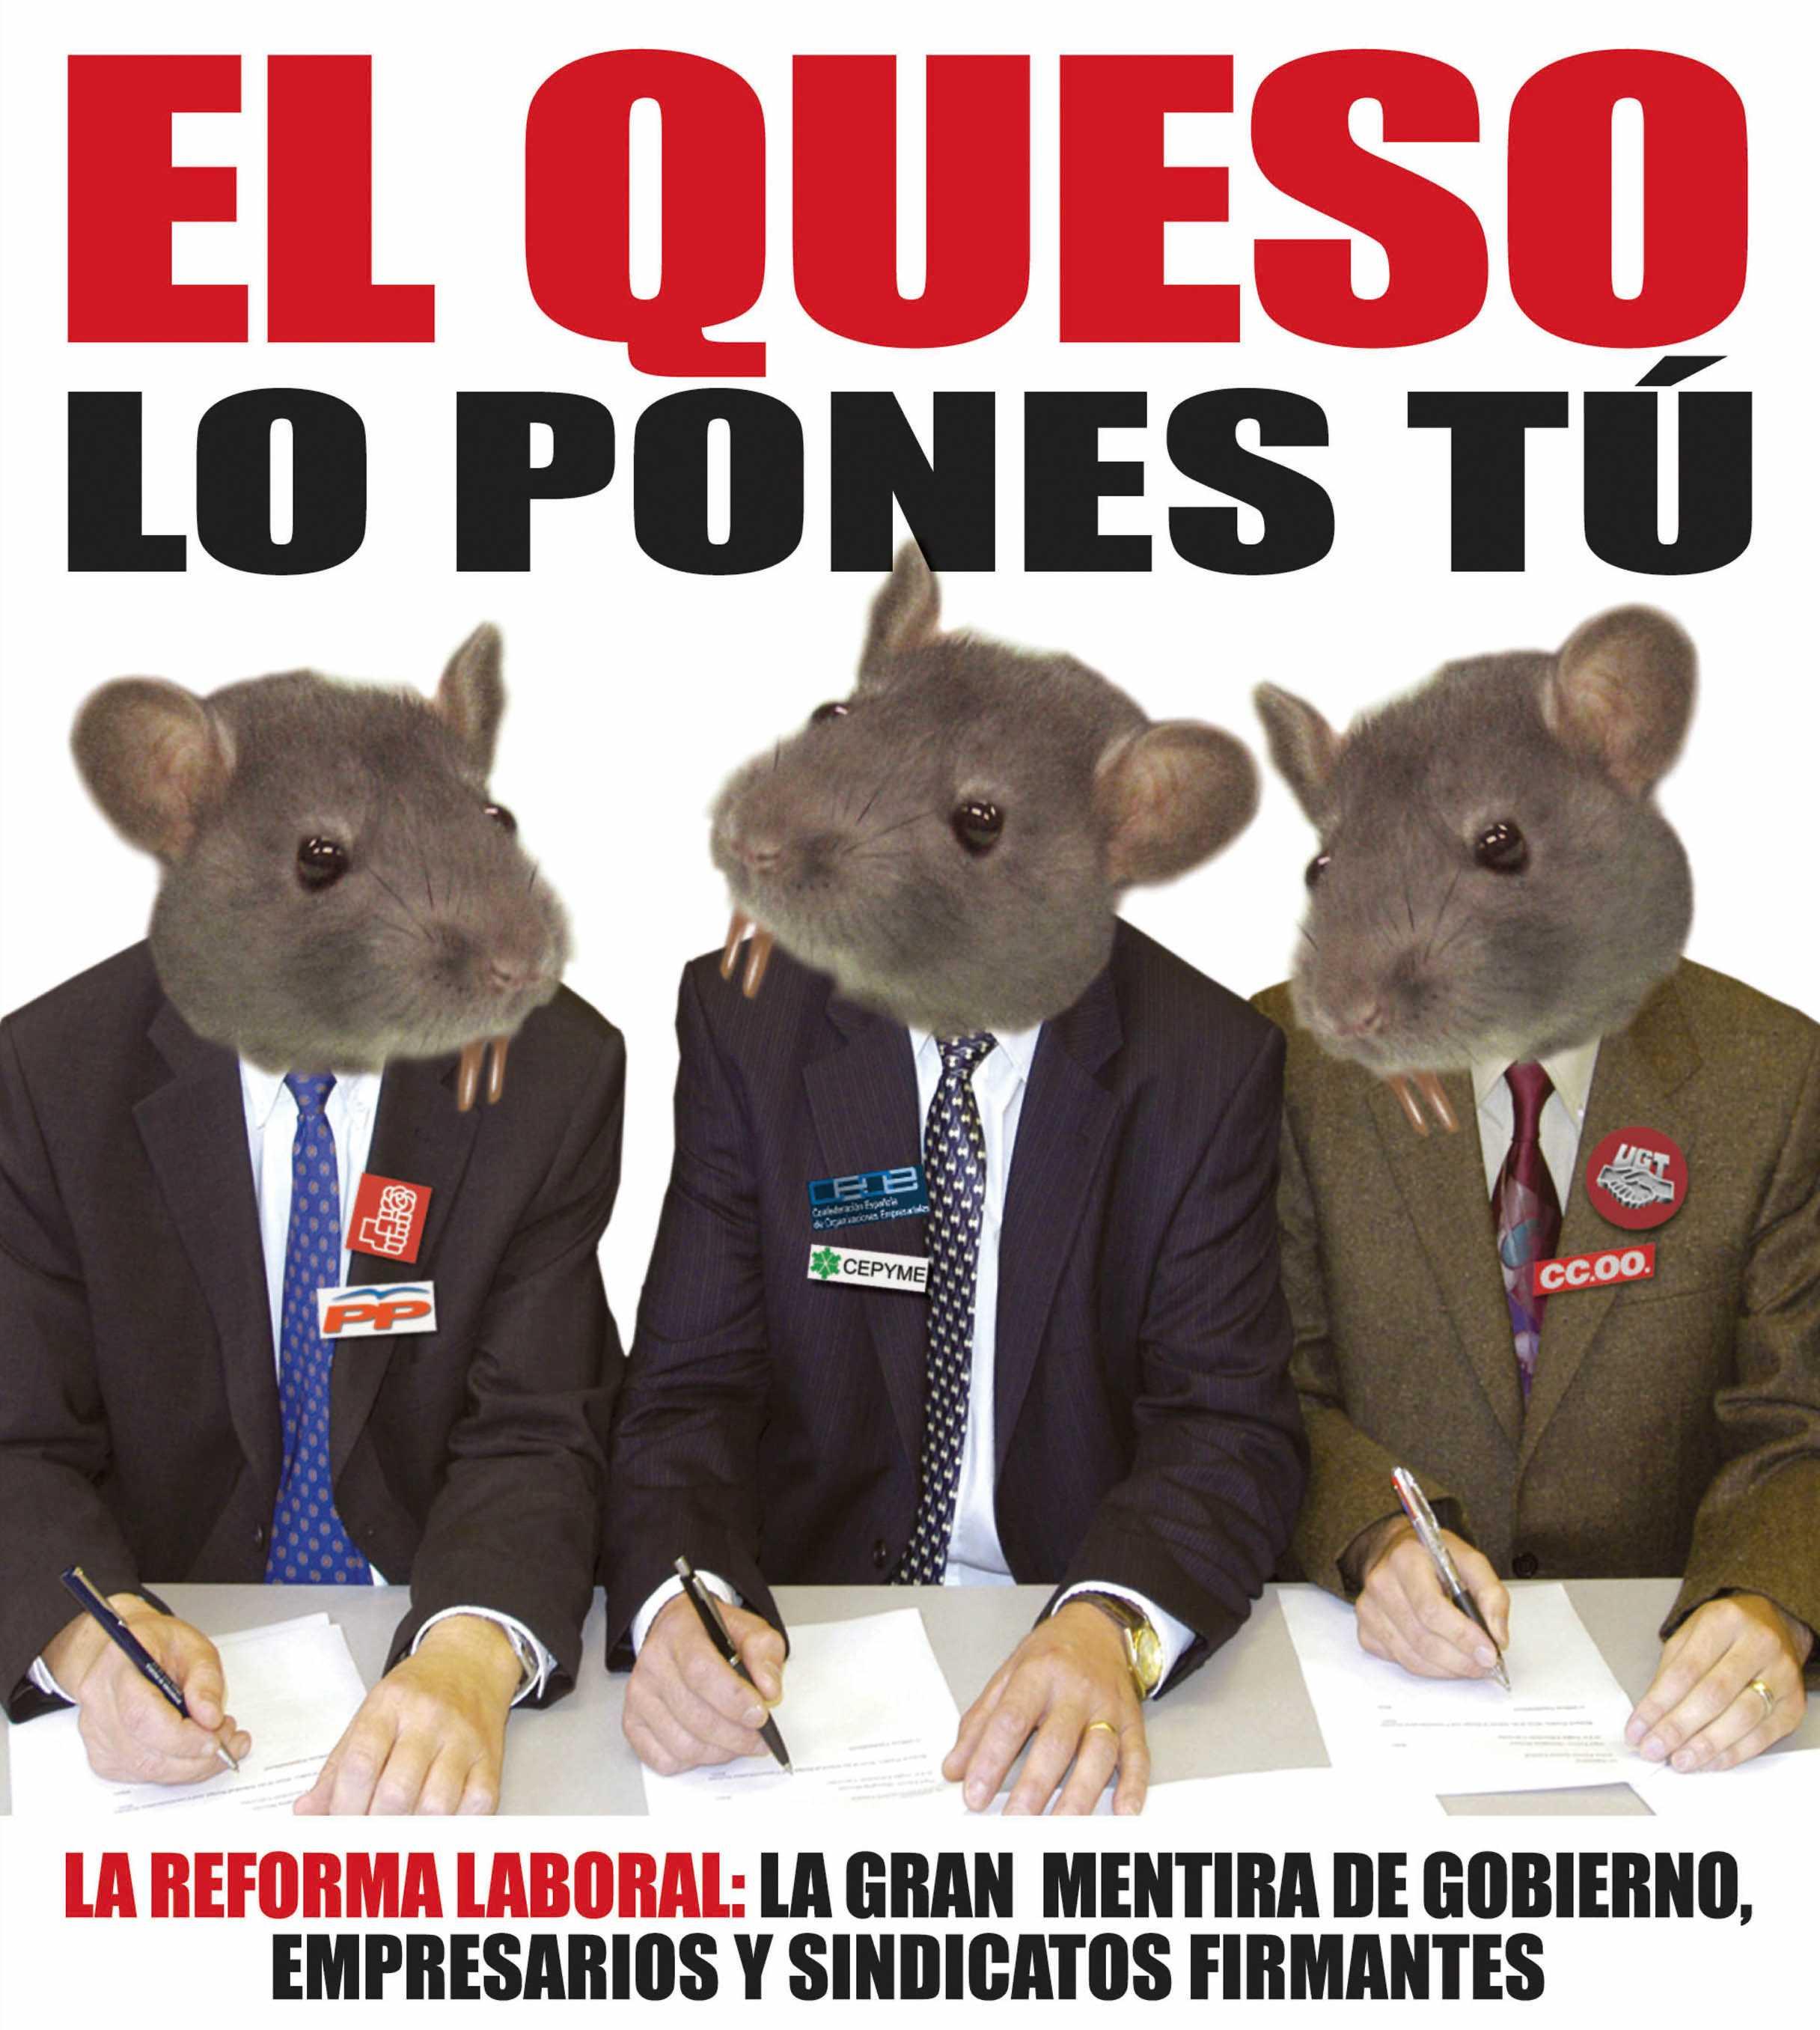 http://es.globedia.com/imagenes/noticias/2012/1/27/cgt-considera-acuerdo-patronal-ccoo-ugt-robo-lxs-trabajadorxs_2_1068195.jpg